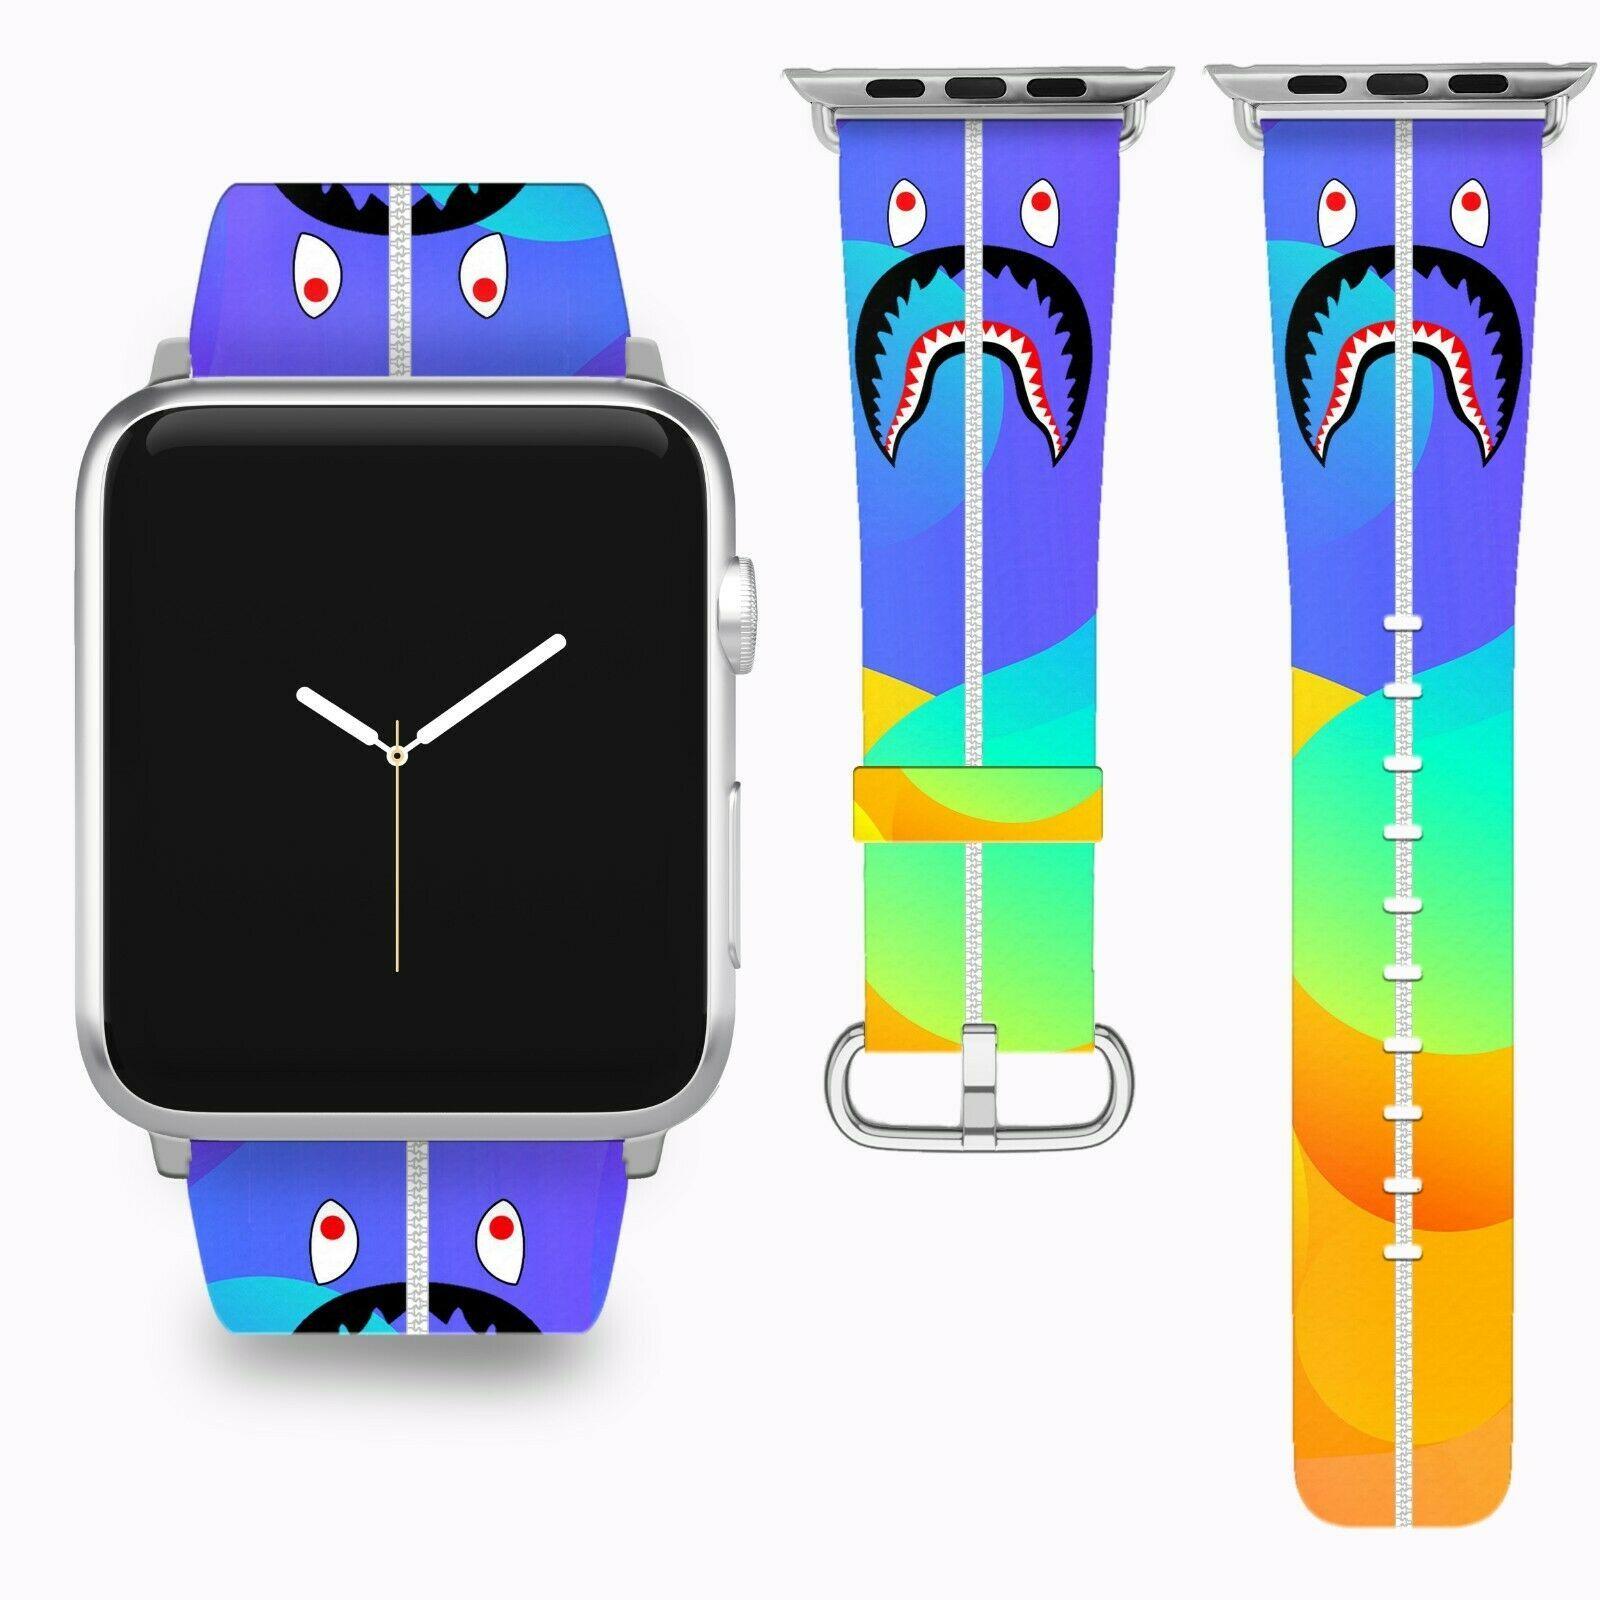 Bape Shark Apple Watch Band 38 40 42 44 mm Series 5 1 2 3 4 Wrist Strap 04 - $29.99 - $32.99